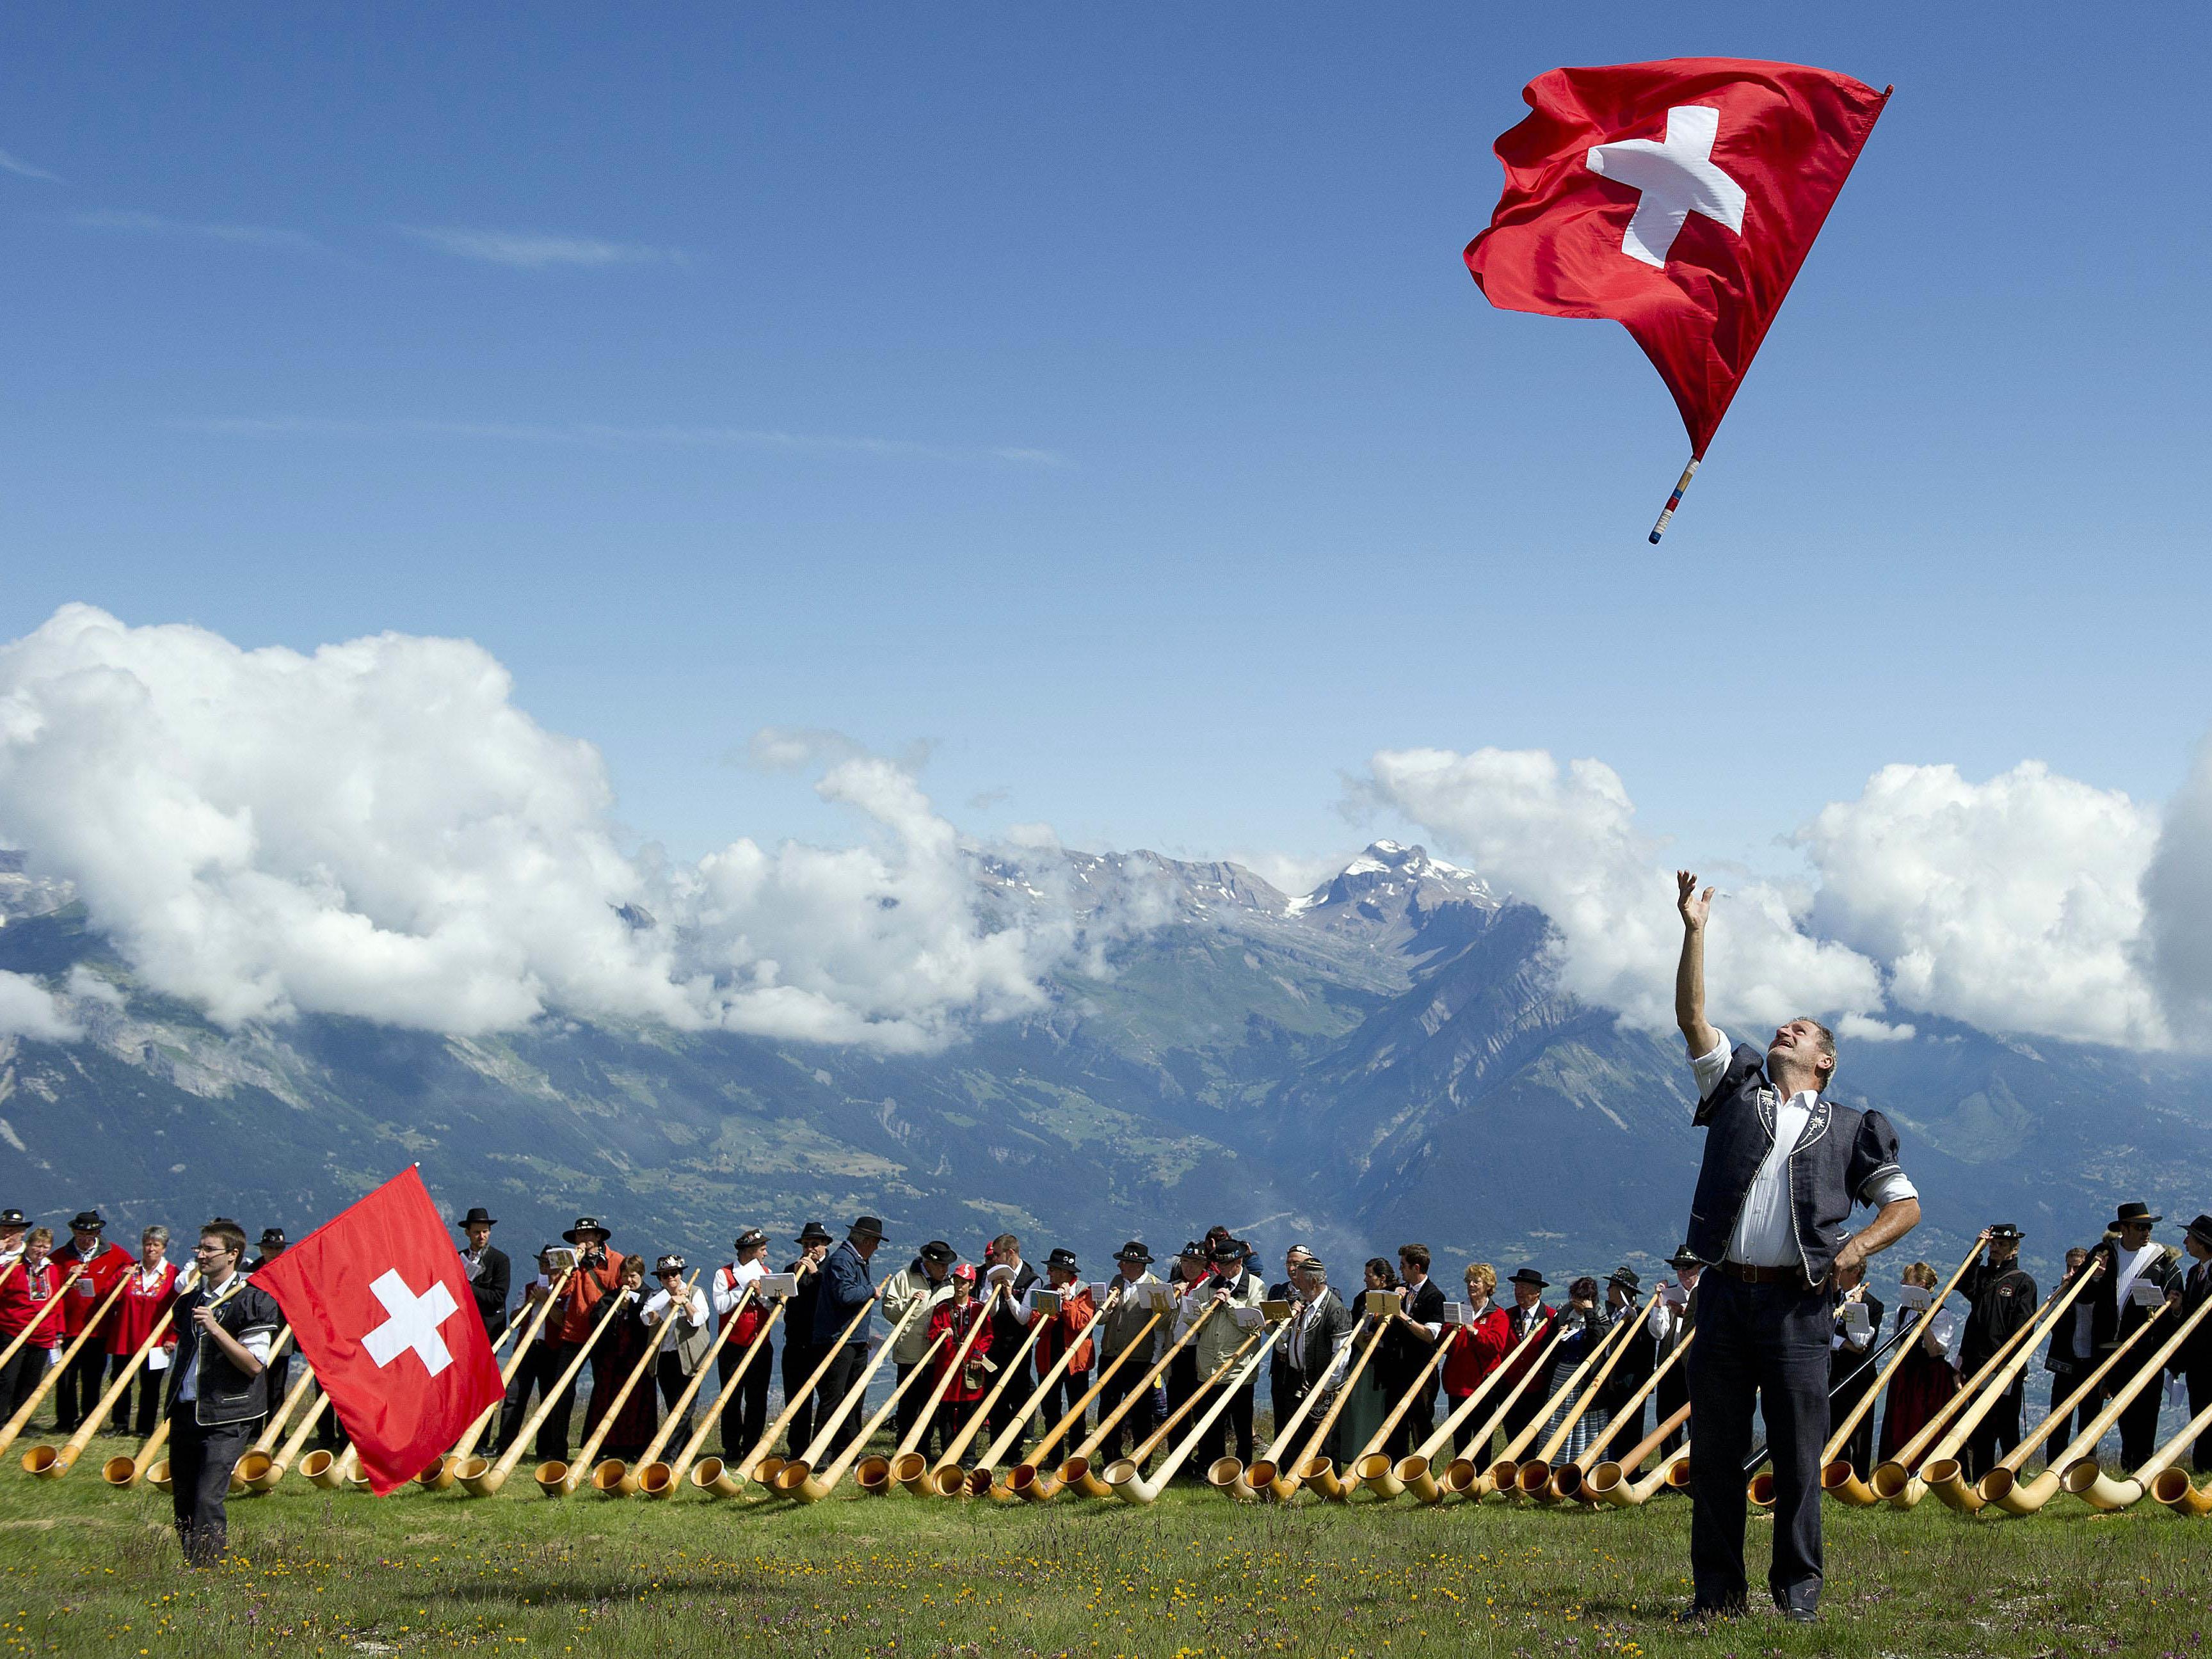 Bei Masseneinwanderungs-Initiative stimmte Schweizer Volk erstmals gegen bestehende Politik.